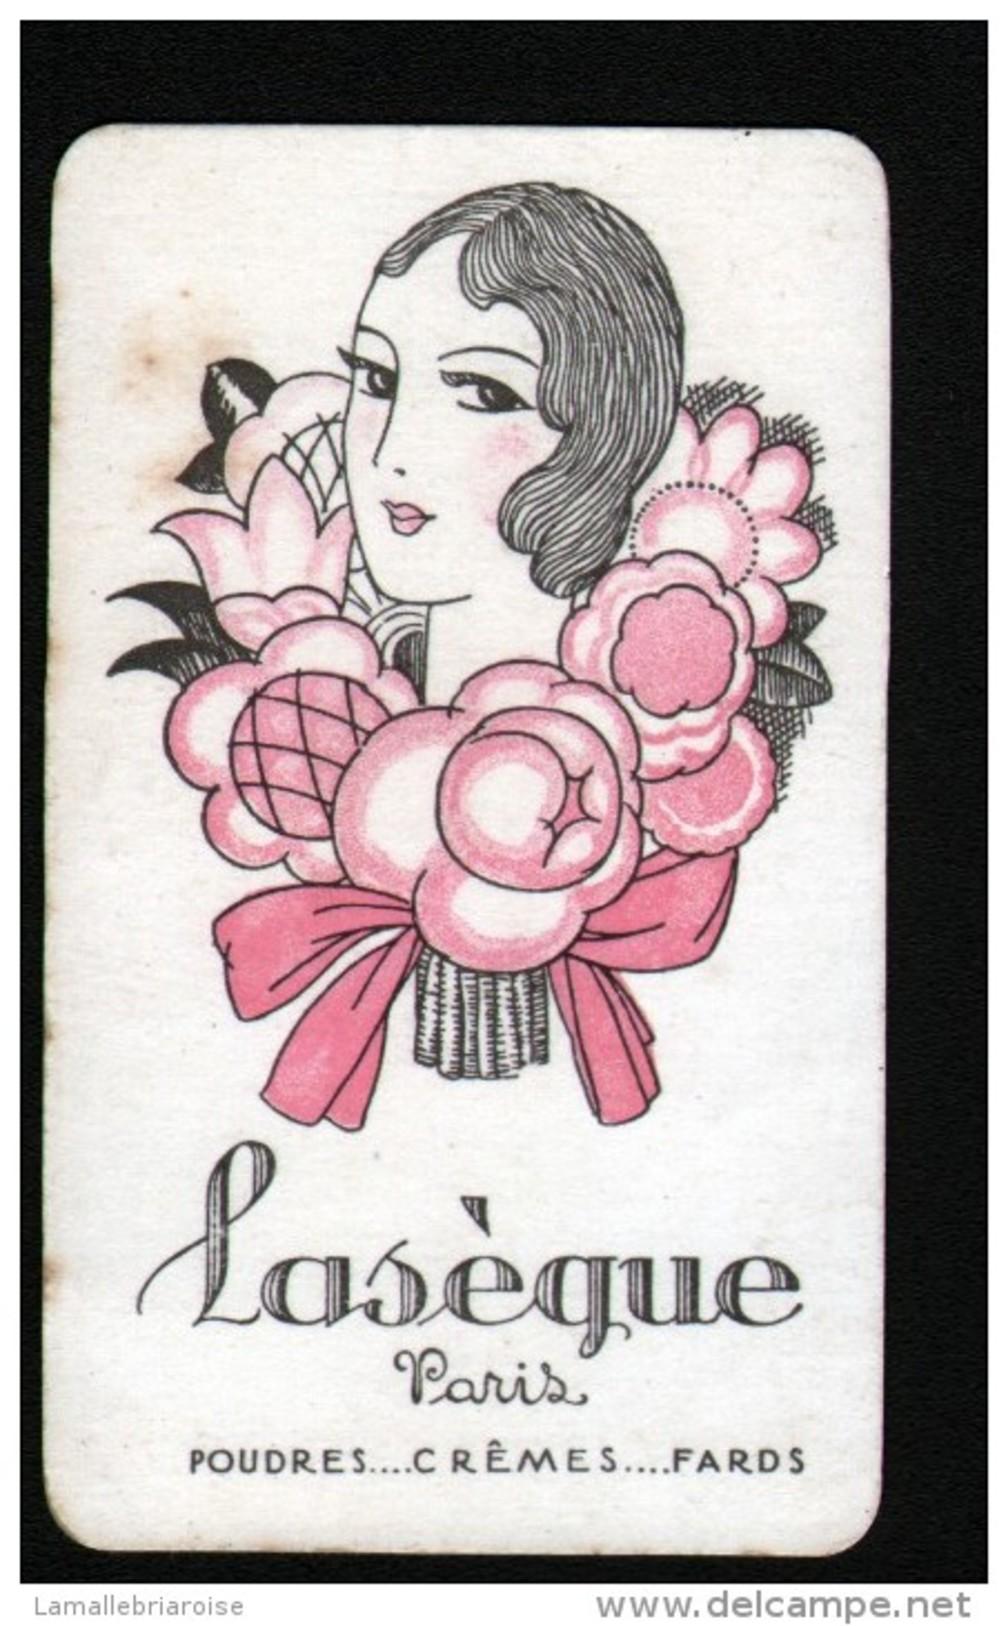 CARTE PARFUMEE, LASEQUE, PARIS - Perfume Cards